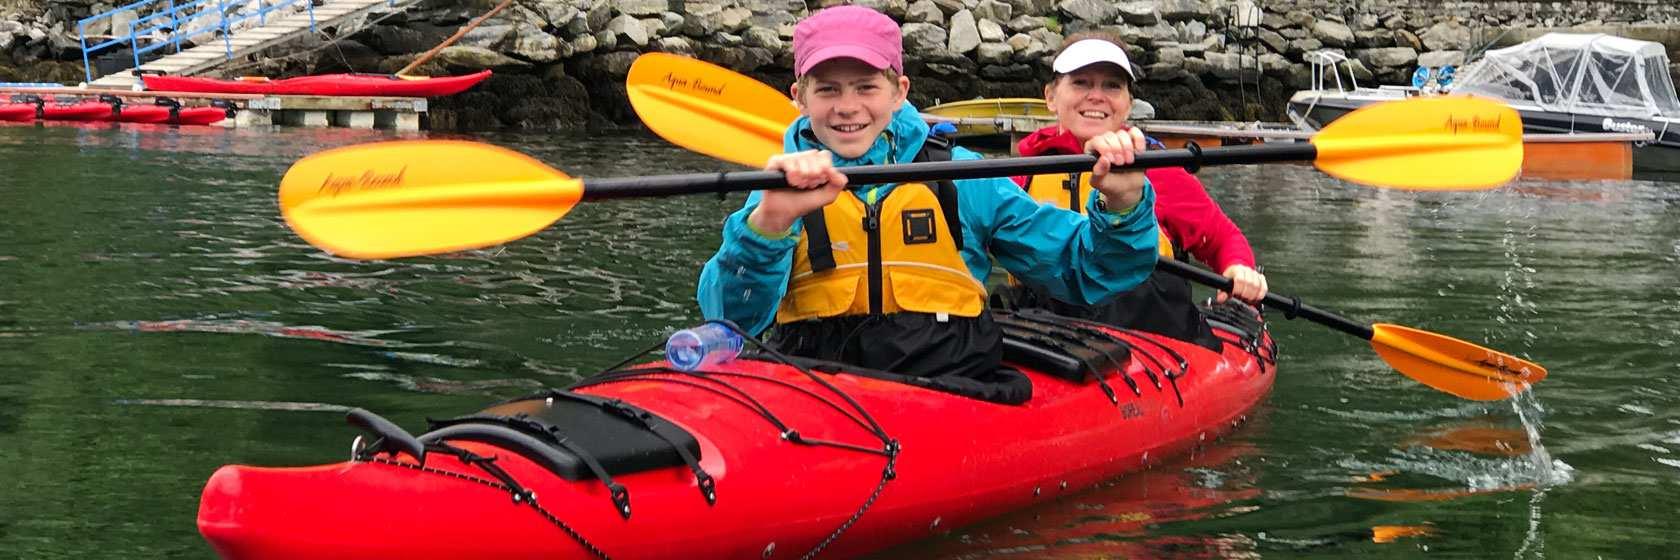 What to bring kayaking